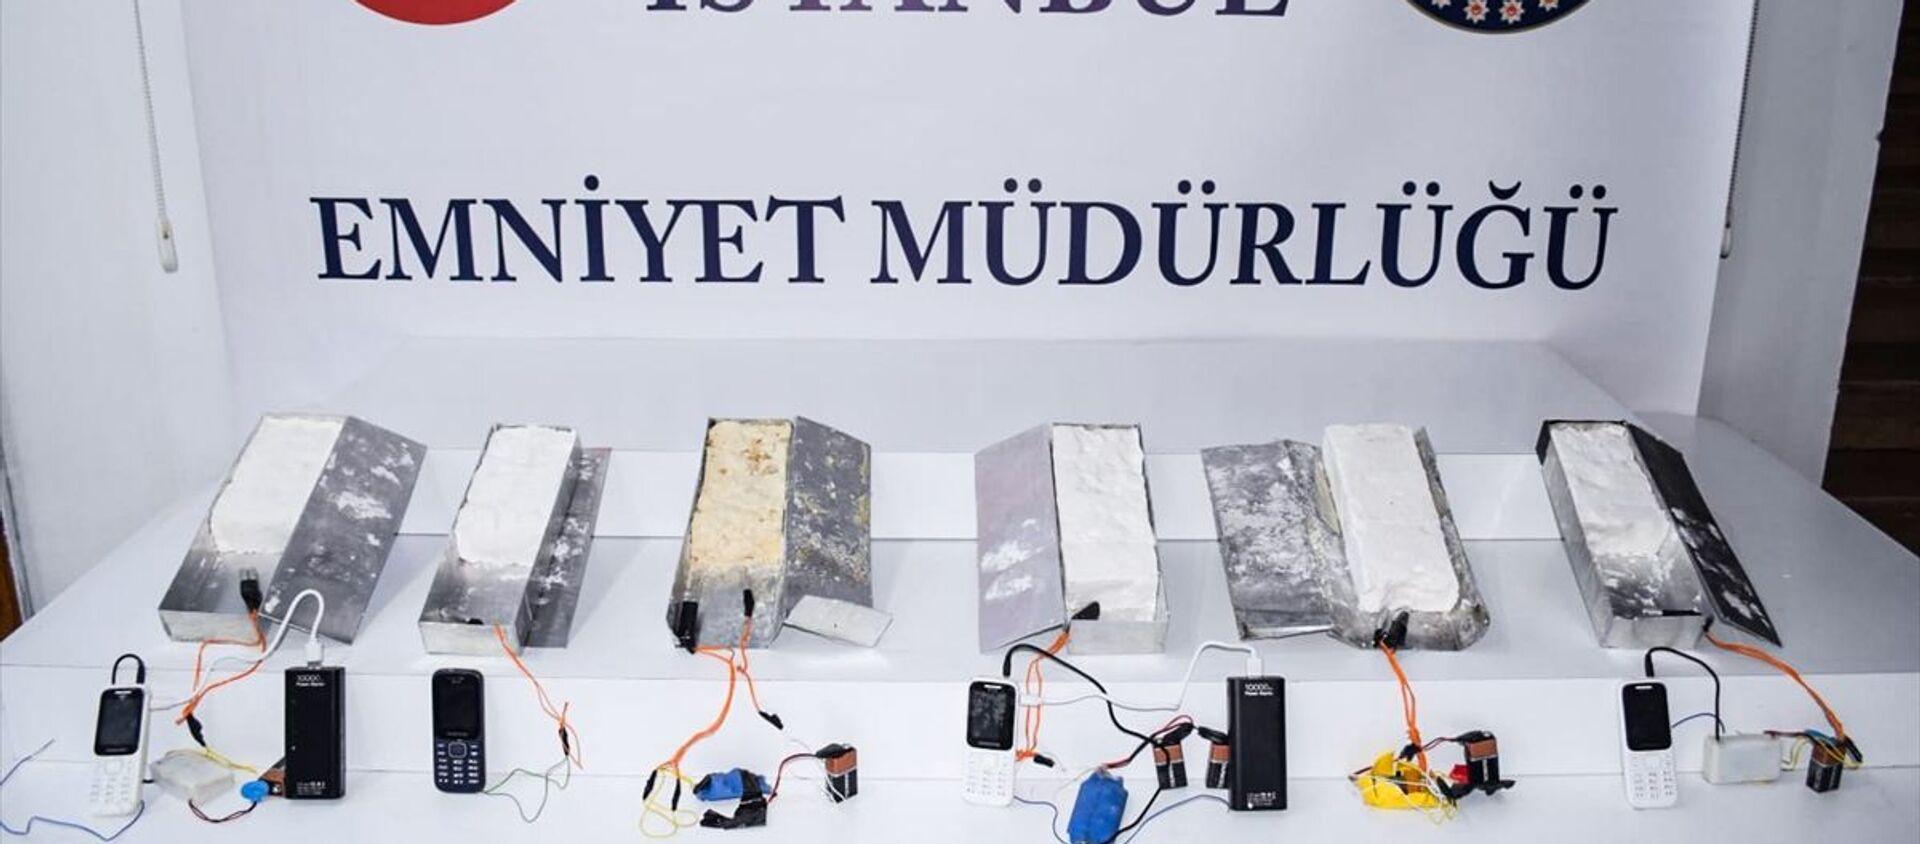 İstanbul 15 Temmuz Demokrasi Otogarı'nda 5 kilogram ağırlığında 6 patlayıcı madde ele geçirildi. - Sputnik Türkiye, 1920, 29.04.2021